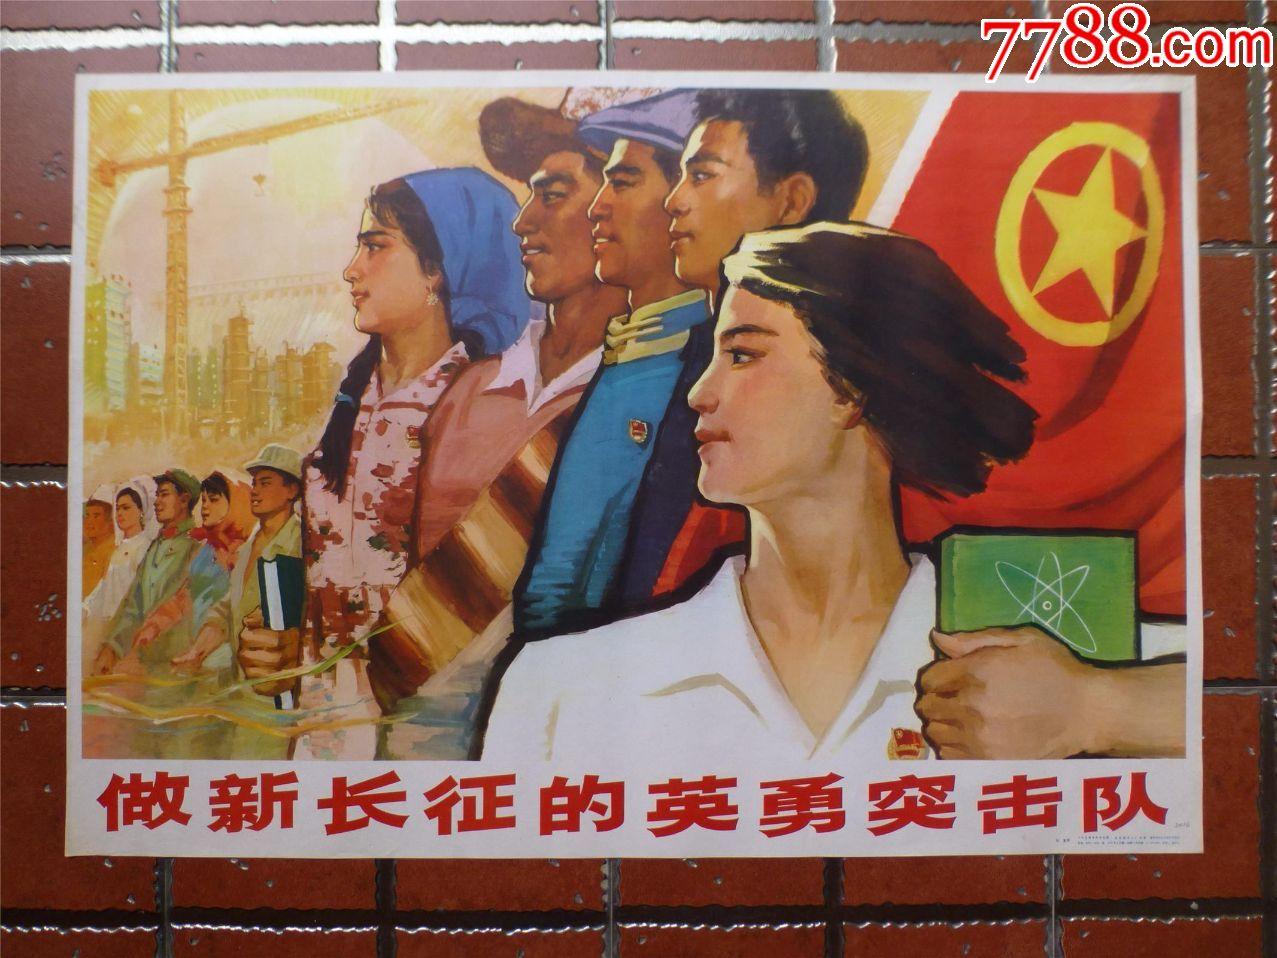 文革宣传画/年画/电影海报/做新长征的英勇突击队